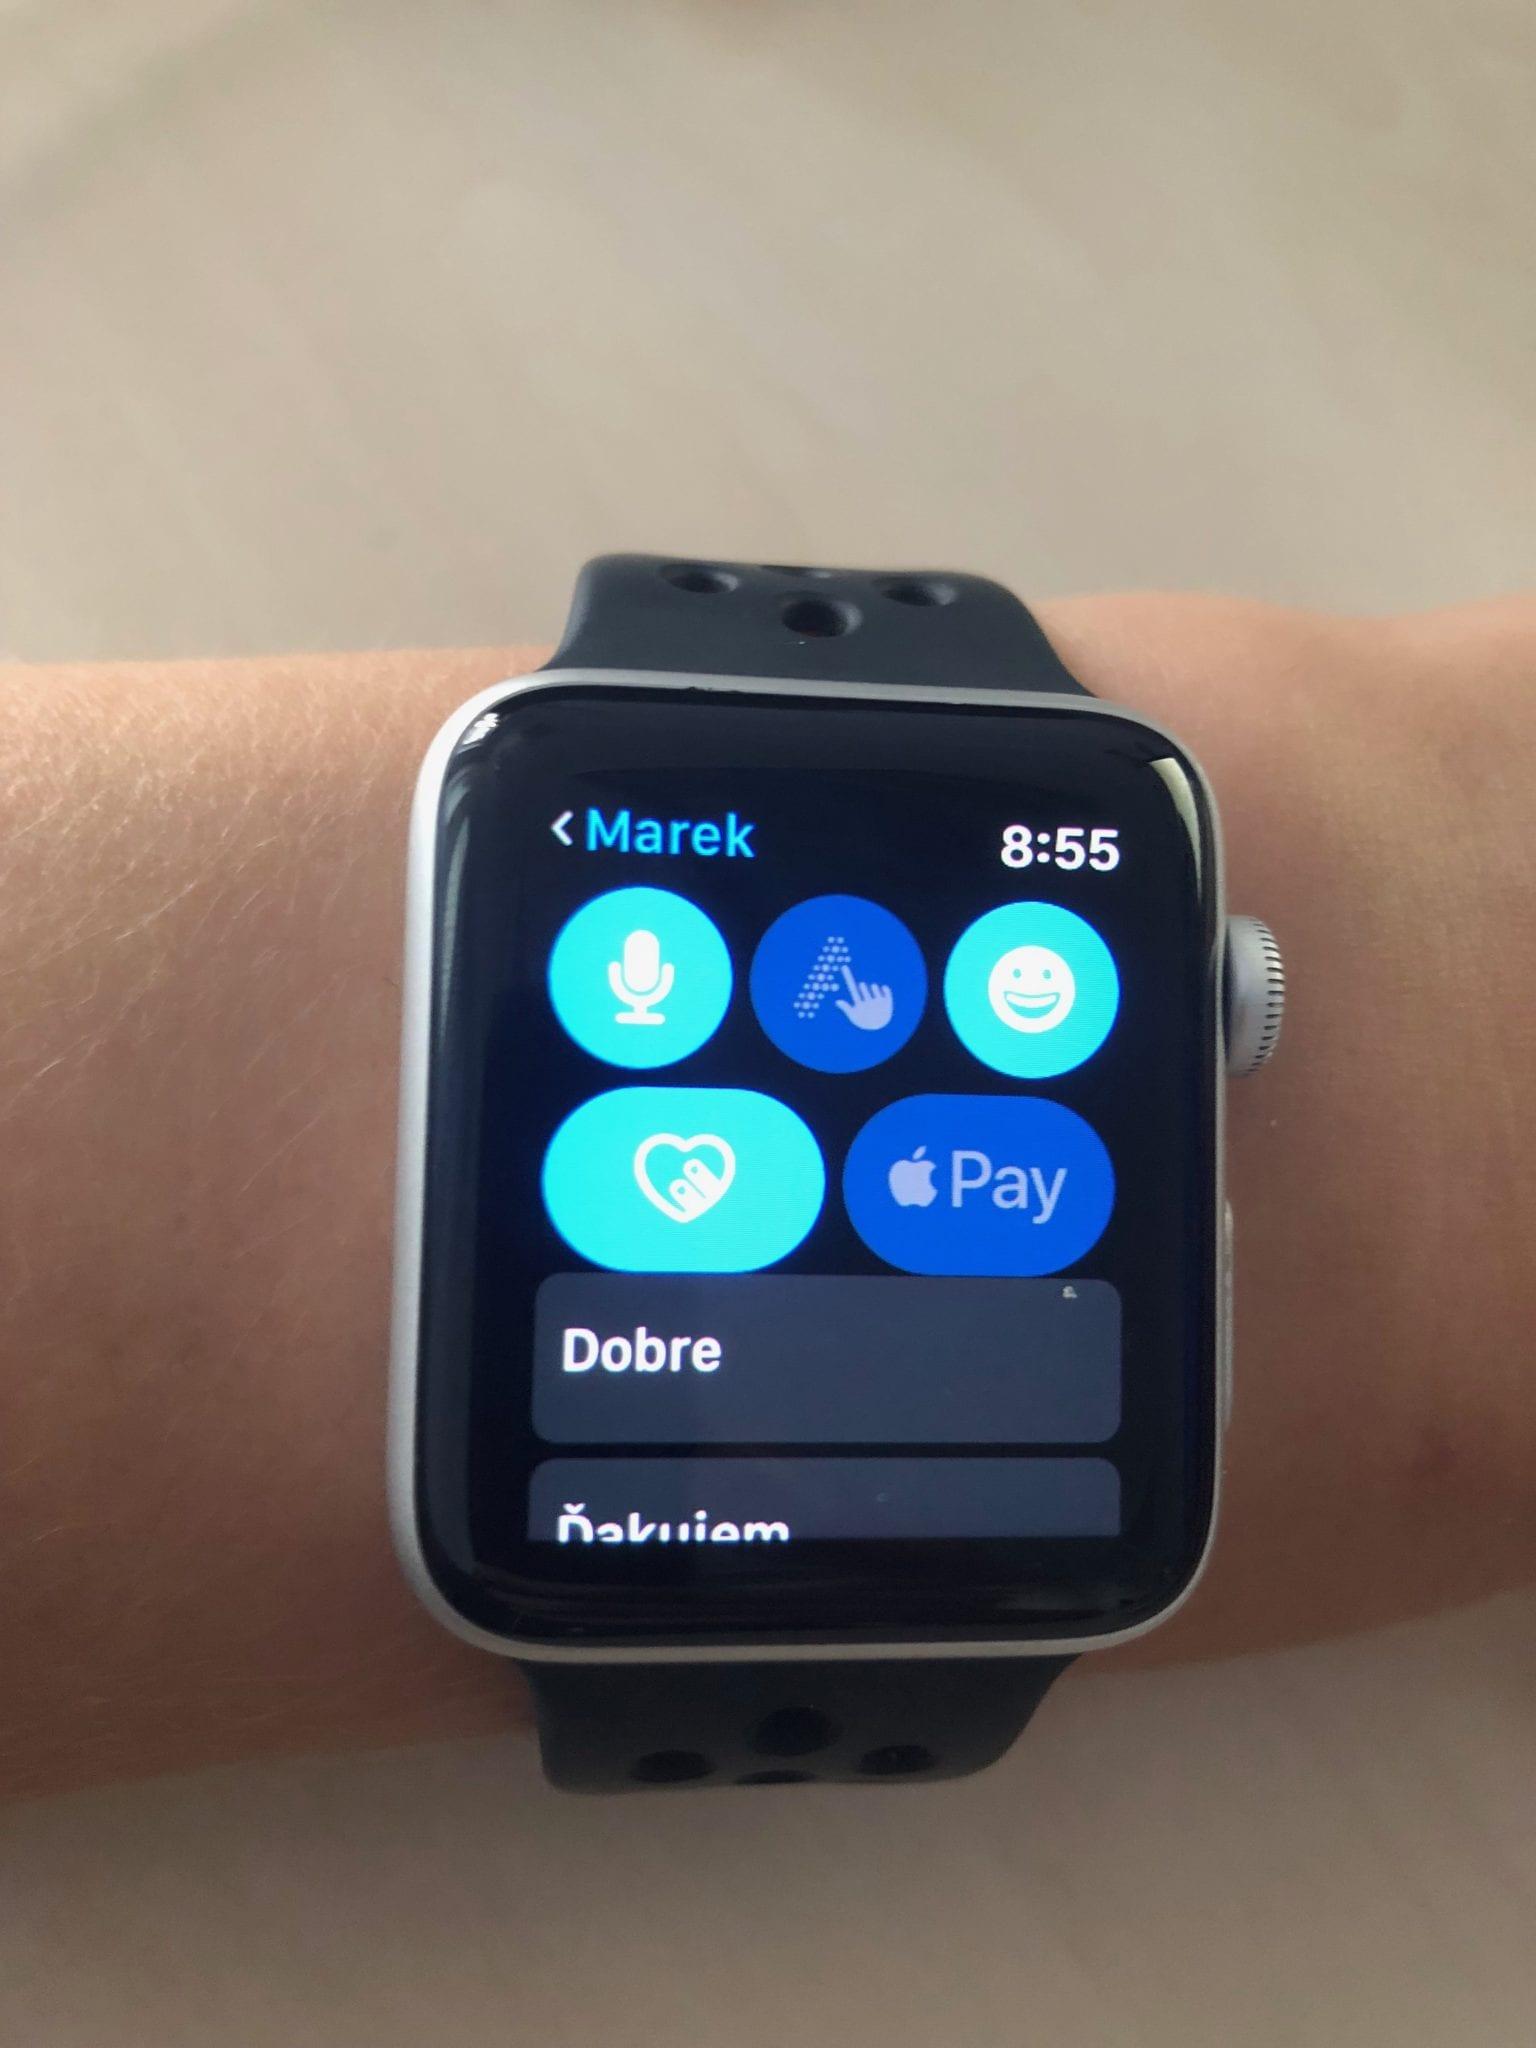 IMG 4947 - Dočkáme sa Apple Pay? watchOS 5 môže niečo naznačovať